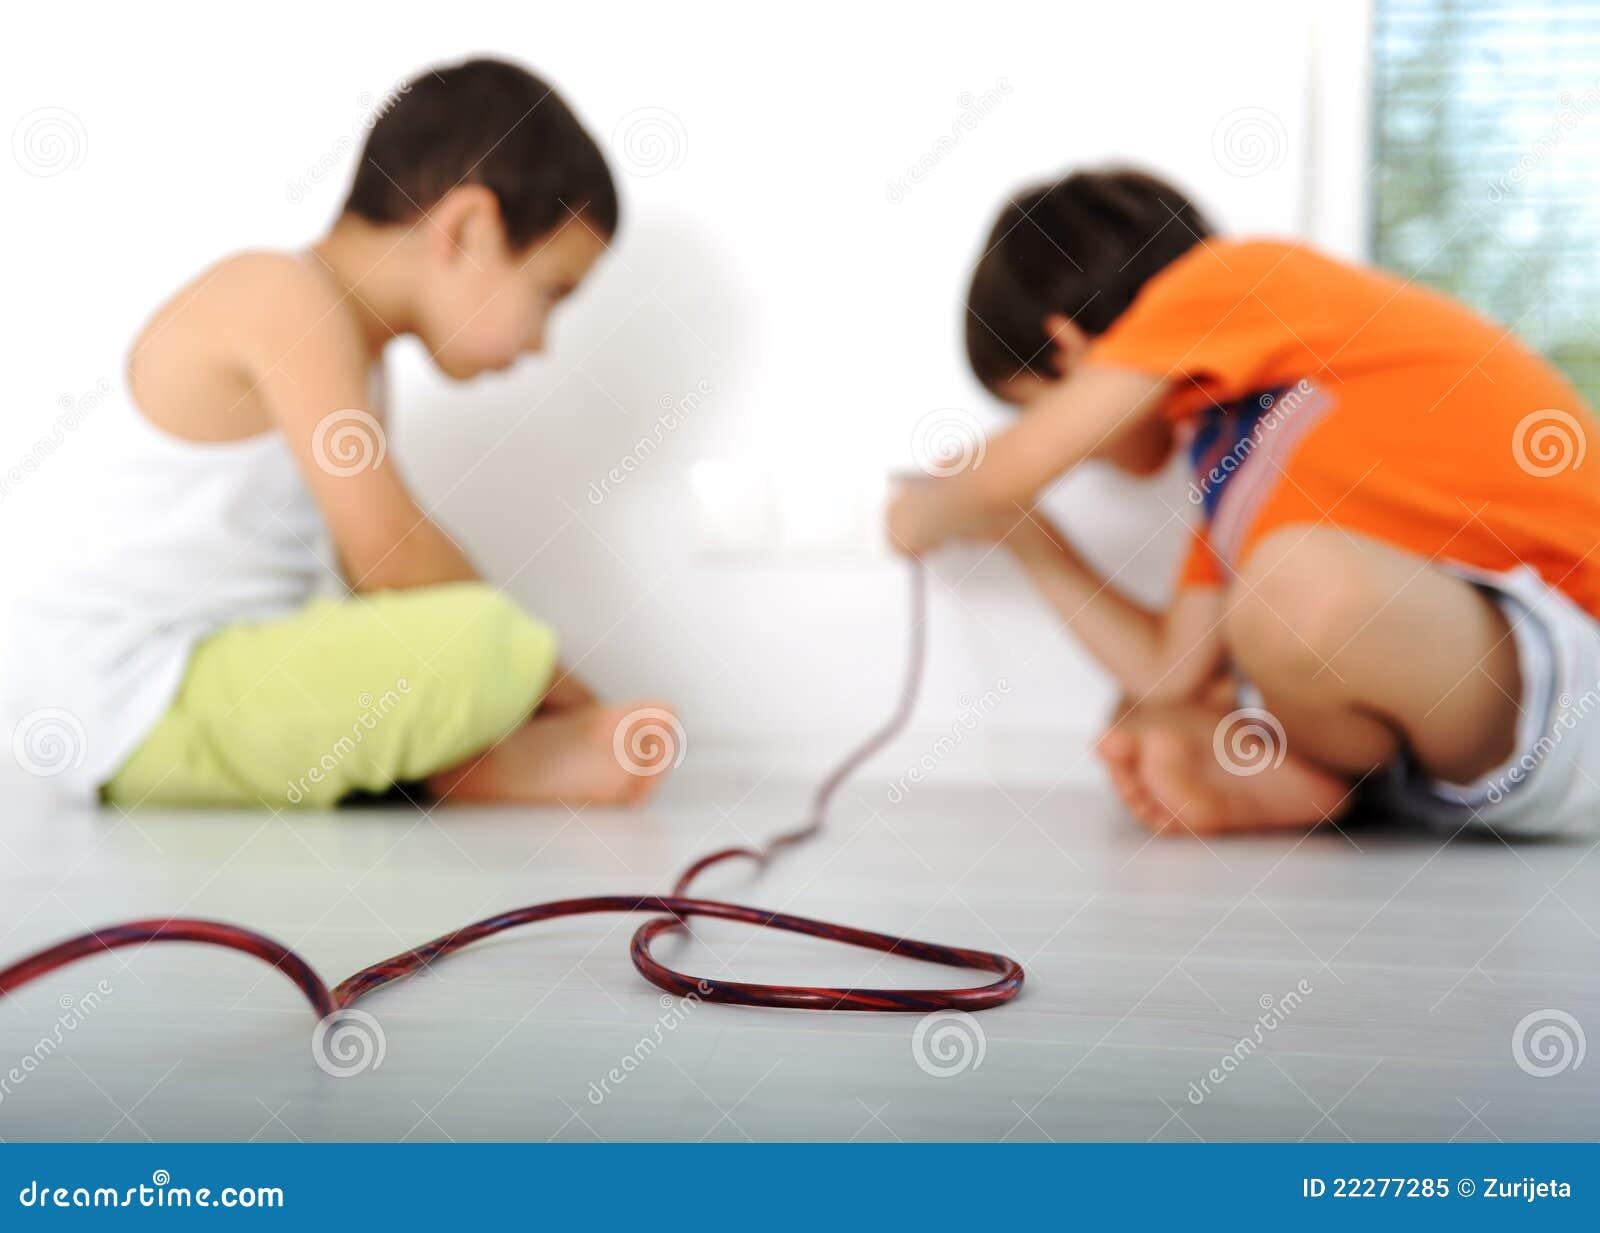 jeu dangereux exp rimentation d 39 enfants image stock image du home gosse 22277285. Black Bedroom Furniture Sets. Home Design Ideas